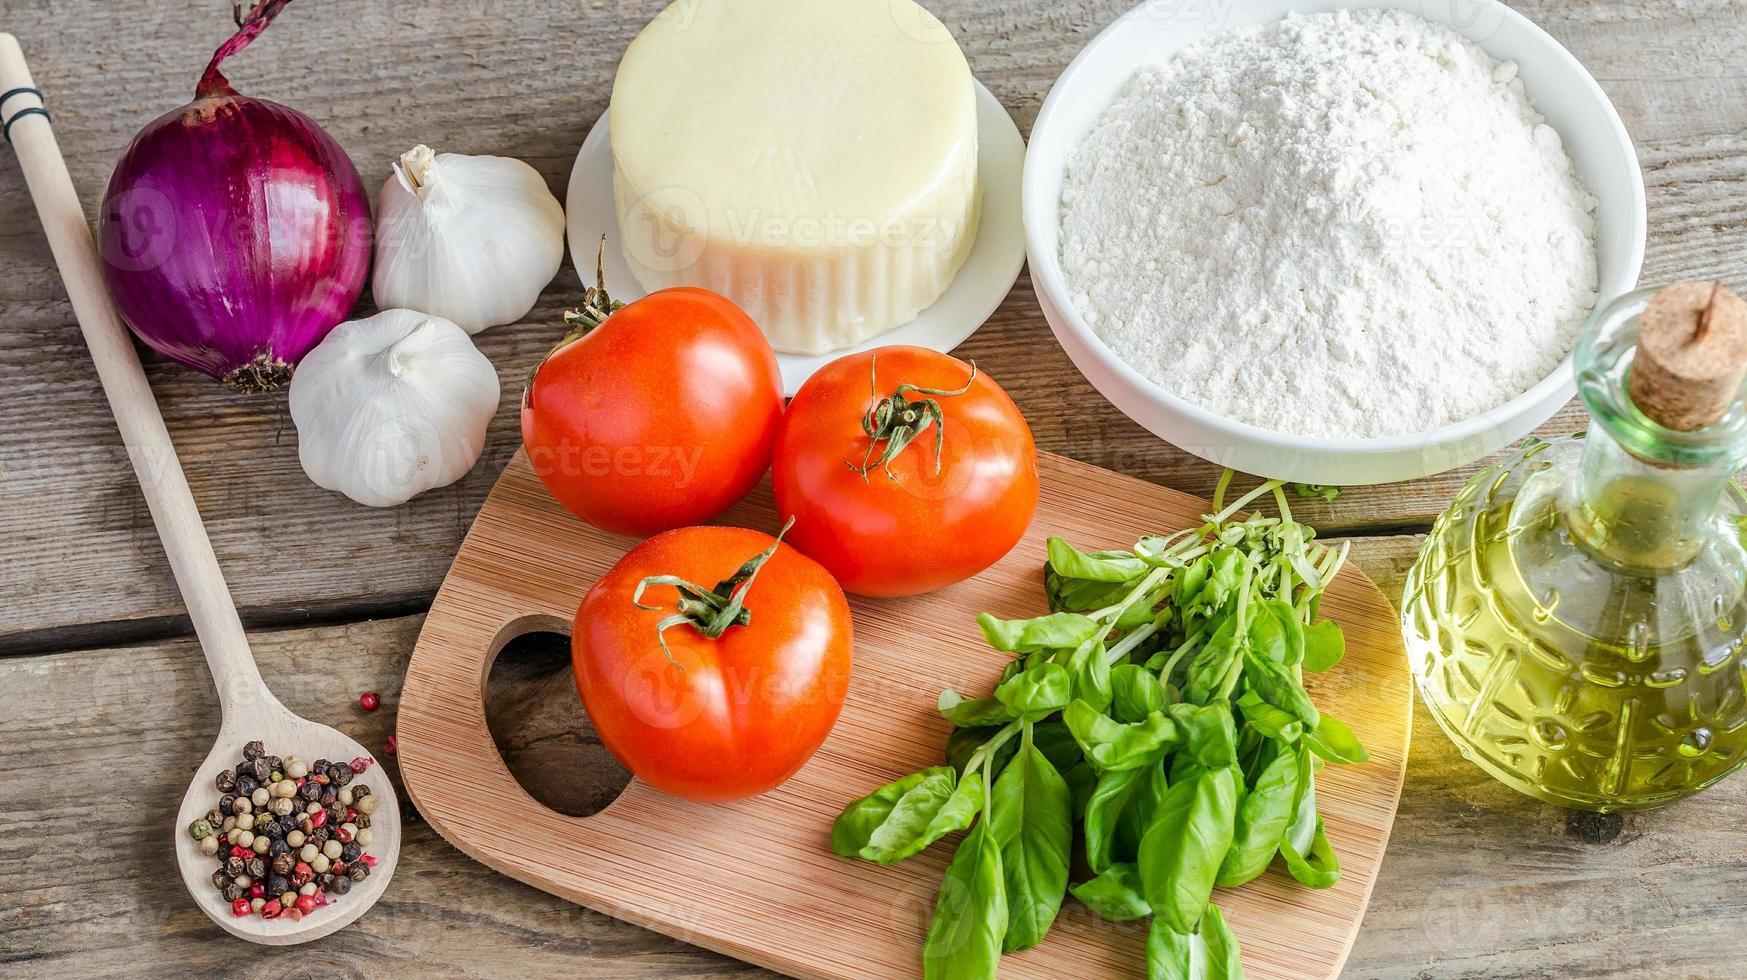 ingredienti per la pizza sullo sfondo in legno foto